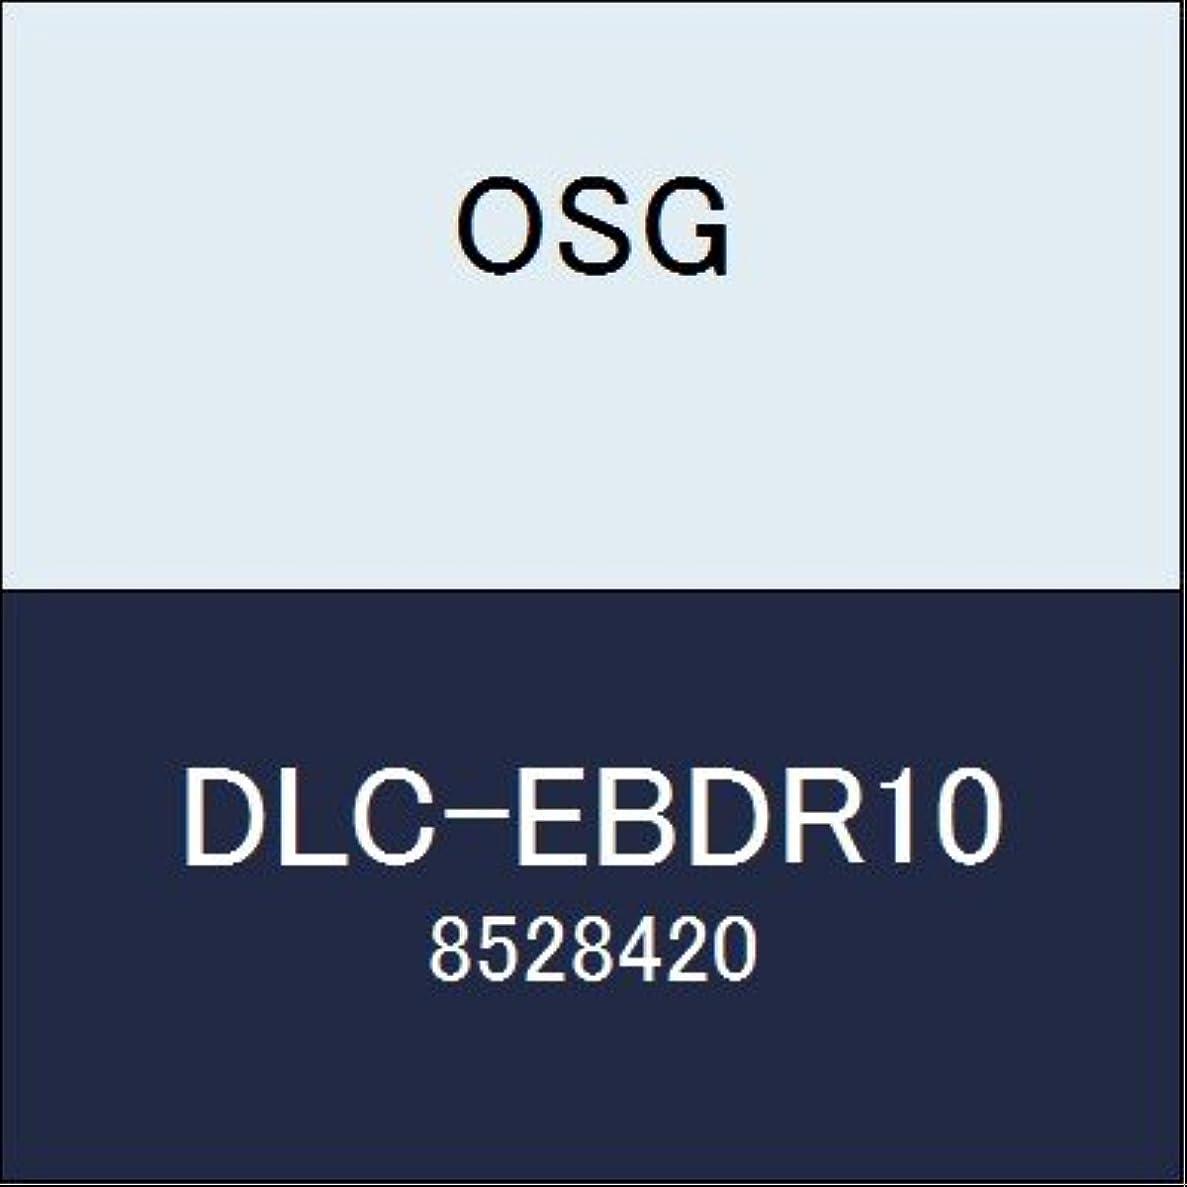 剥離毒液に勝るOSG エンドミル DLC-EBDR10 商品番号 8528420